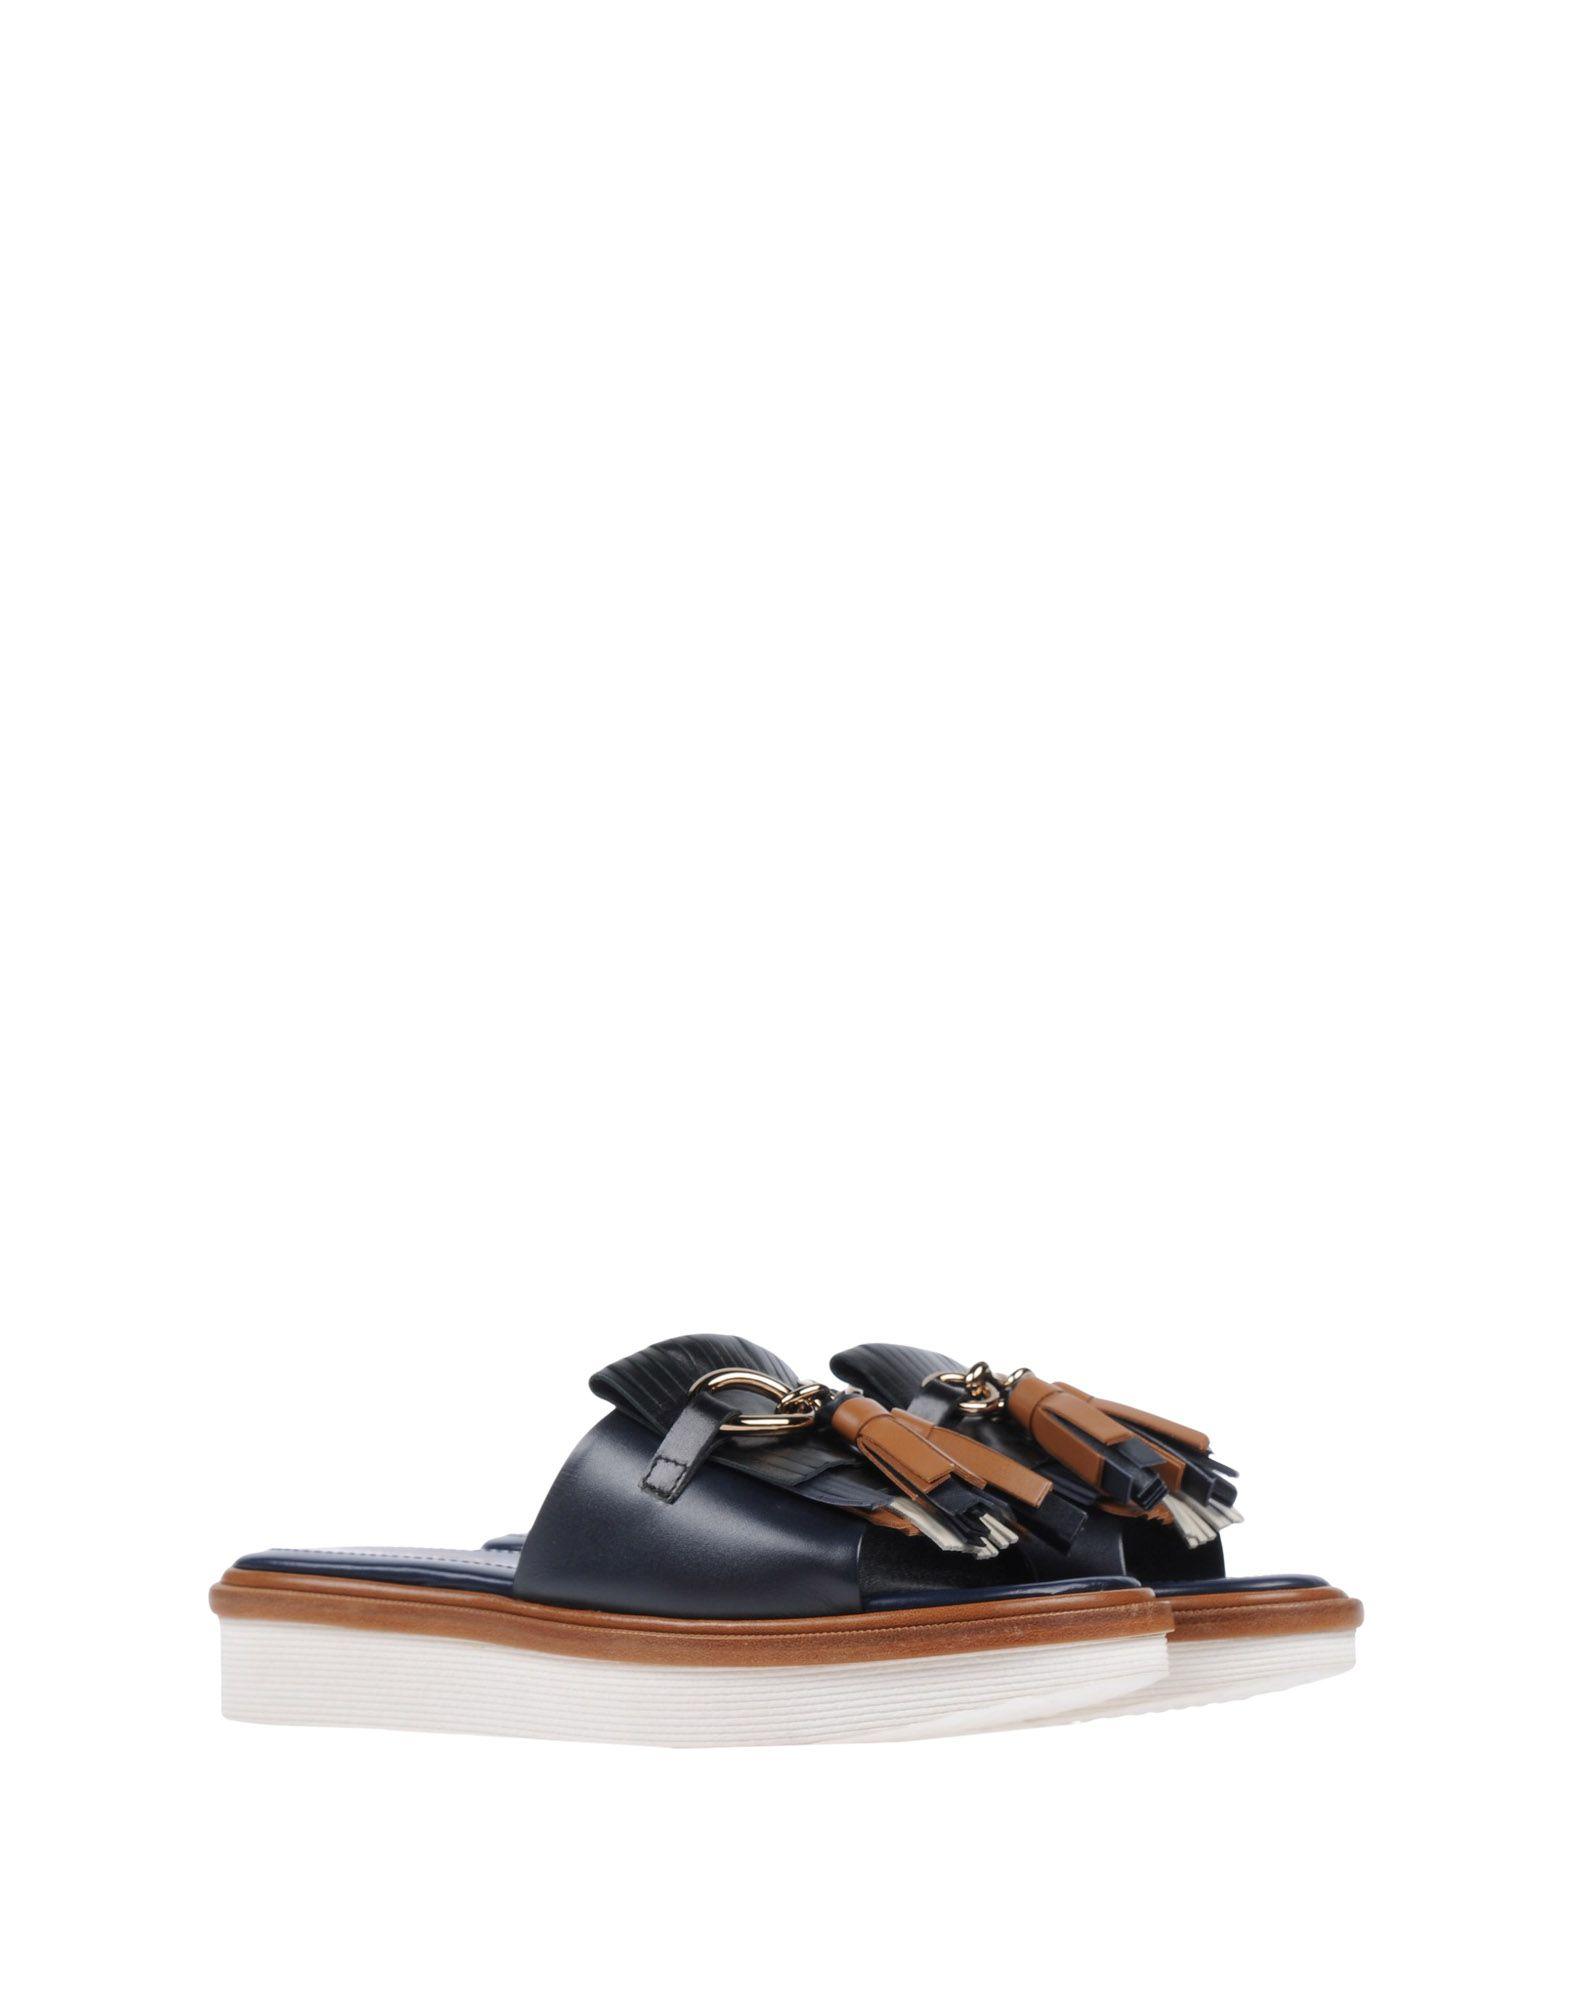 Tod's Sandalen Damen Schuhe  11443796PQGünstige gut aussehende Schuhe Damen 793c4c